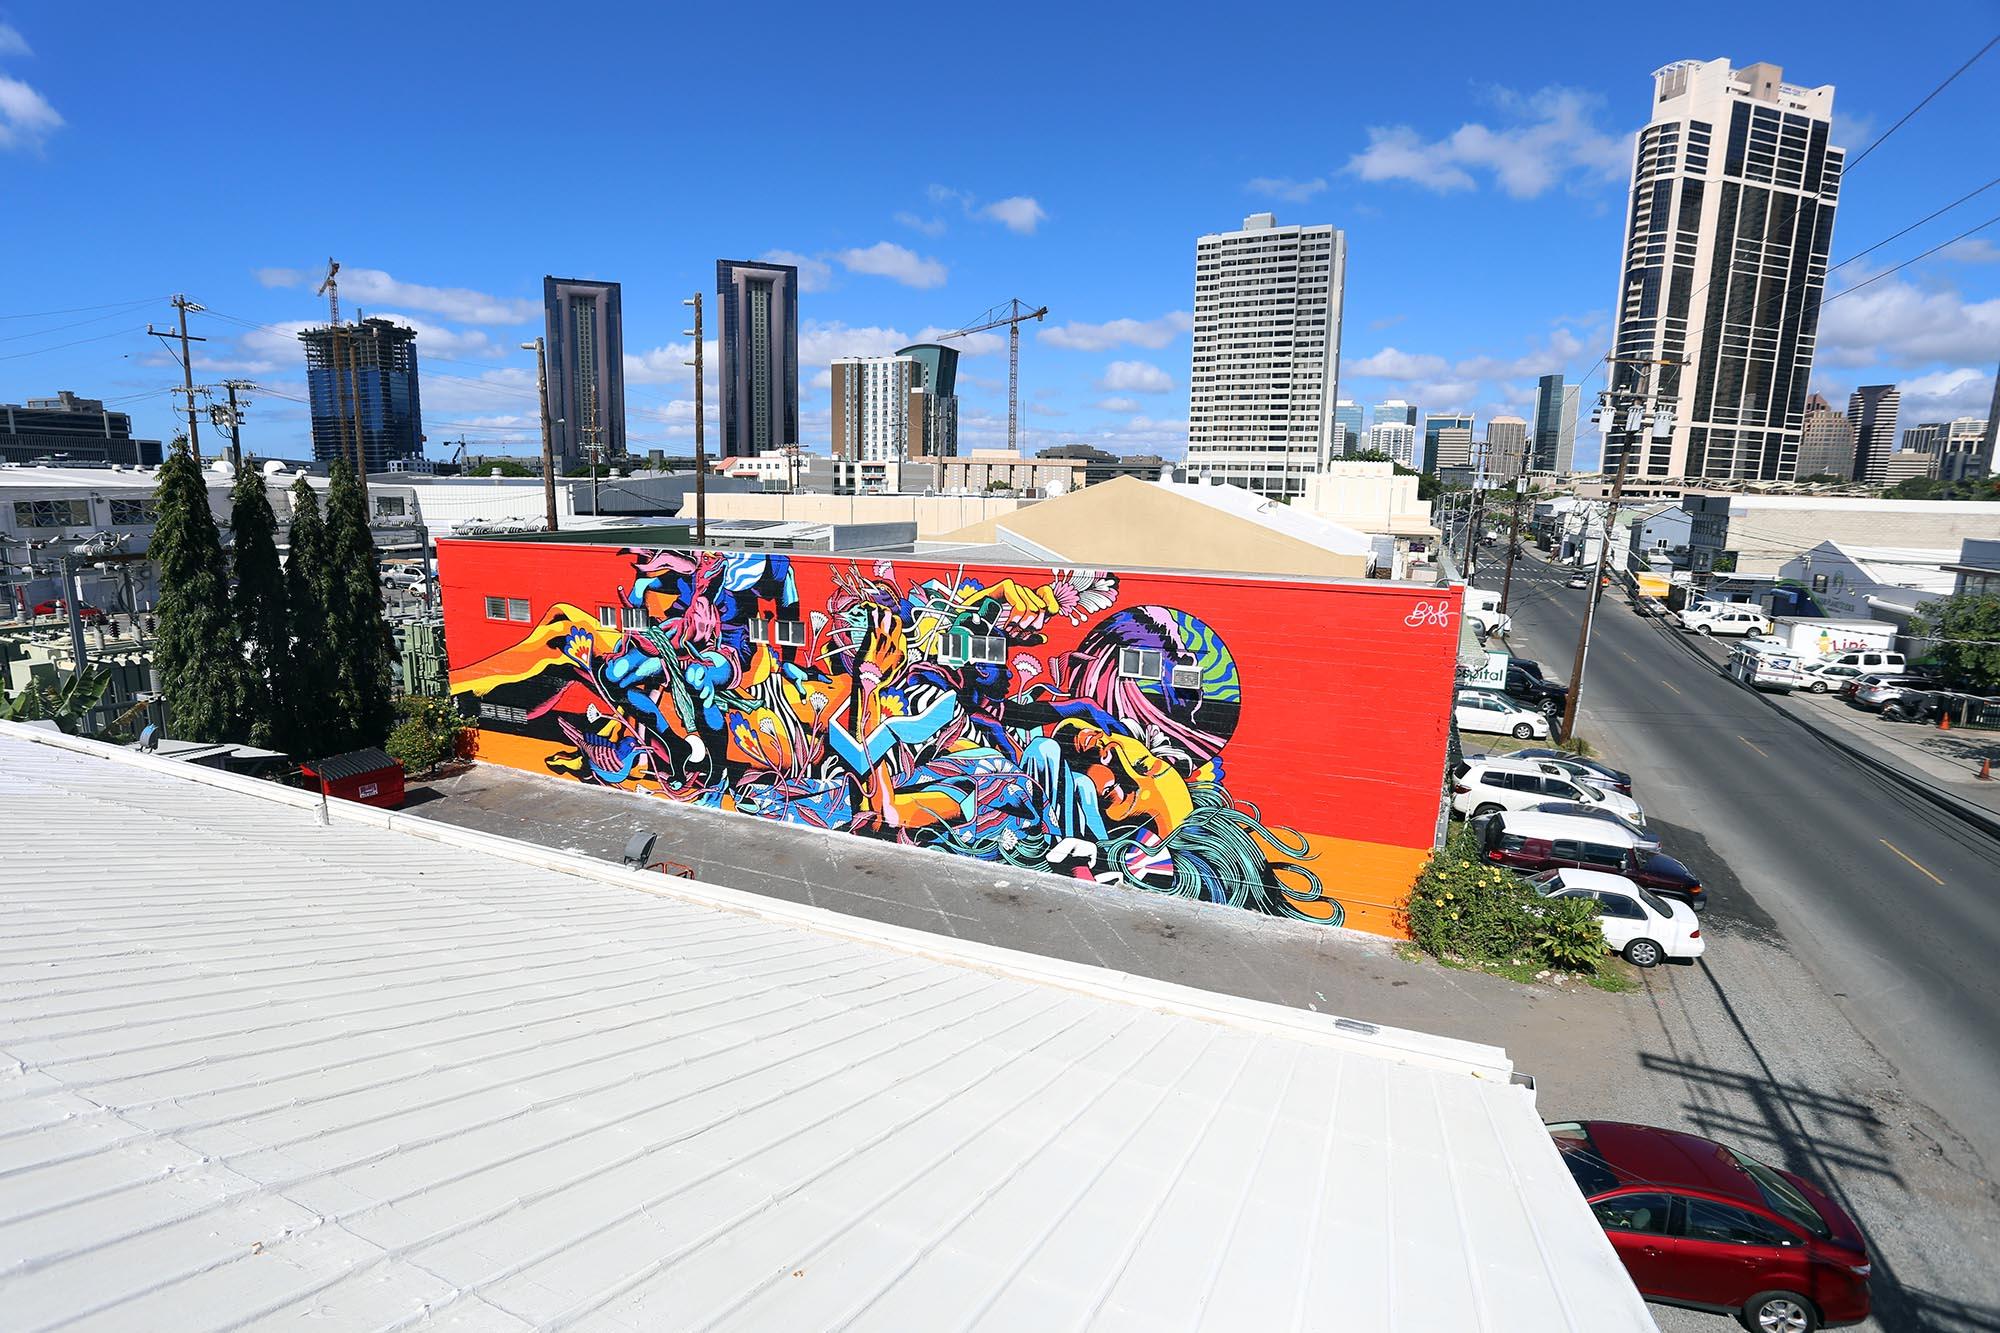 bicicleta sem freio-pow wow festival-mural-grafite-dionisio-arte (3)